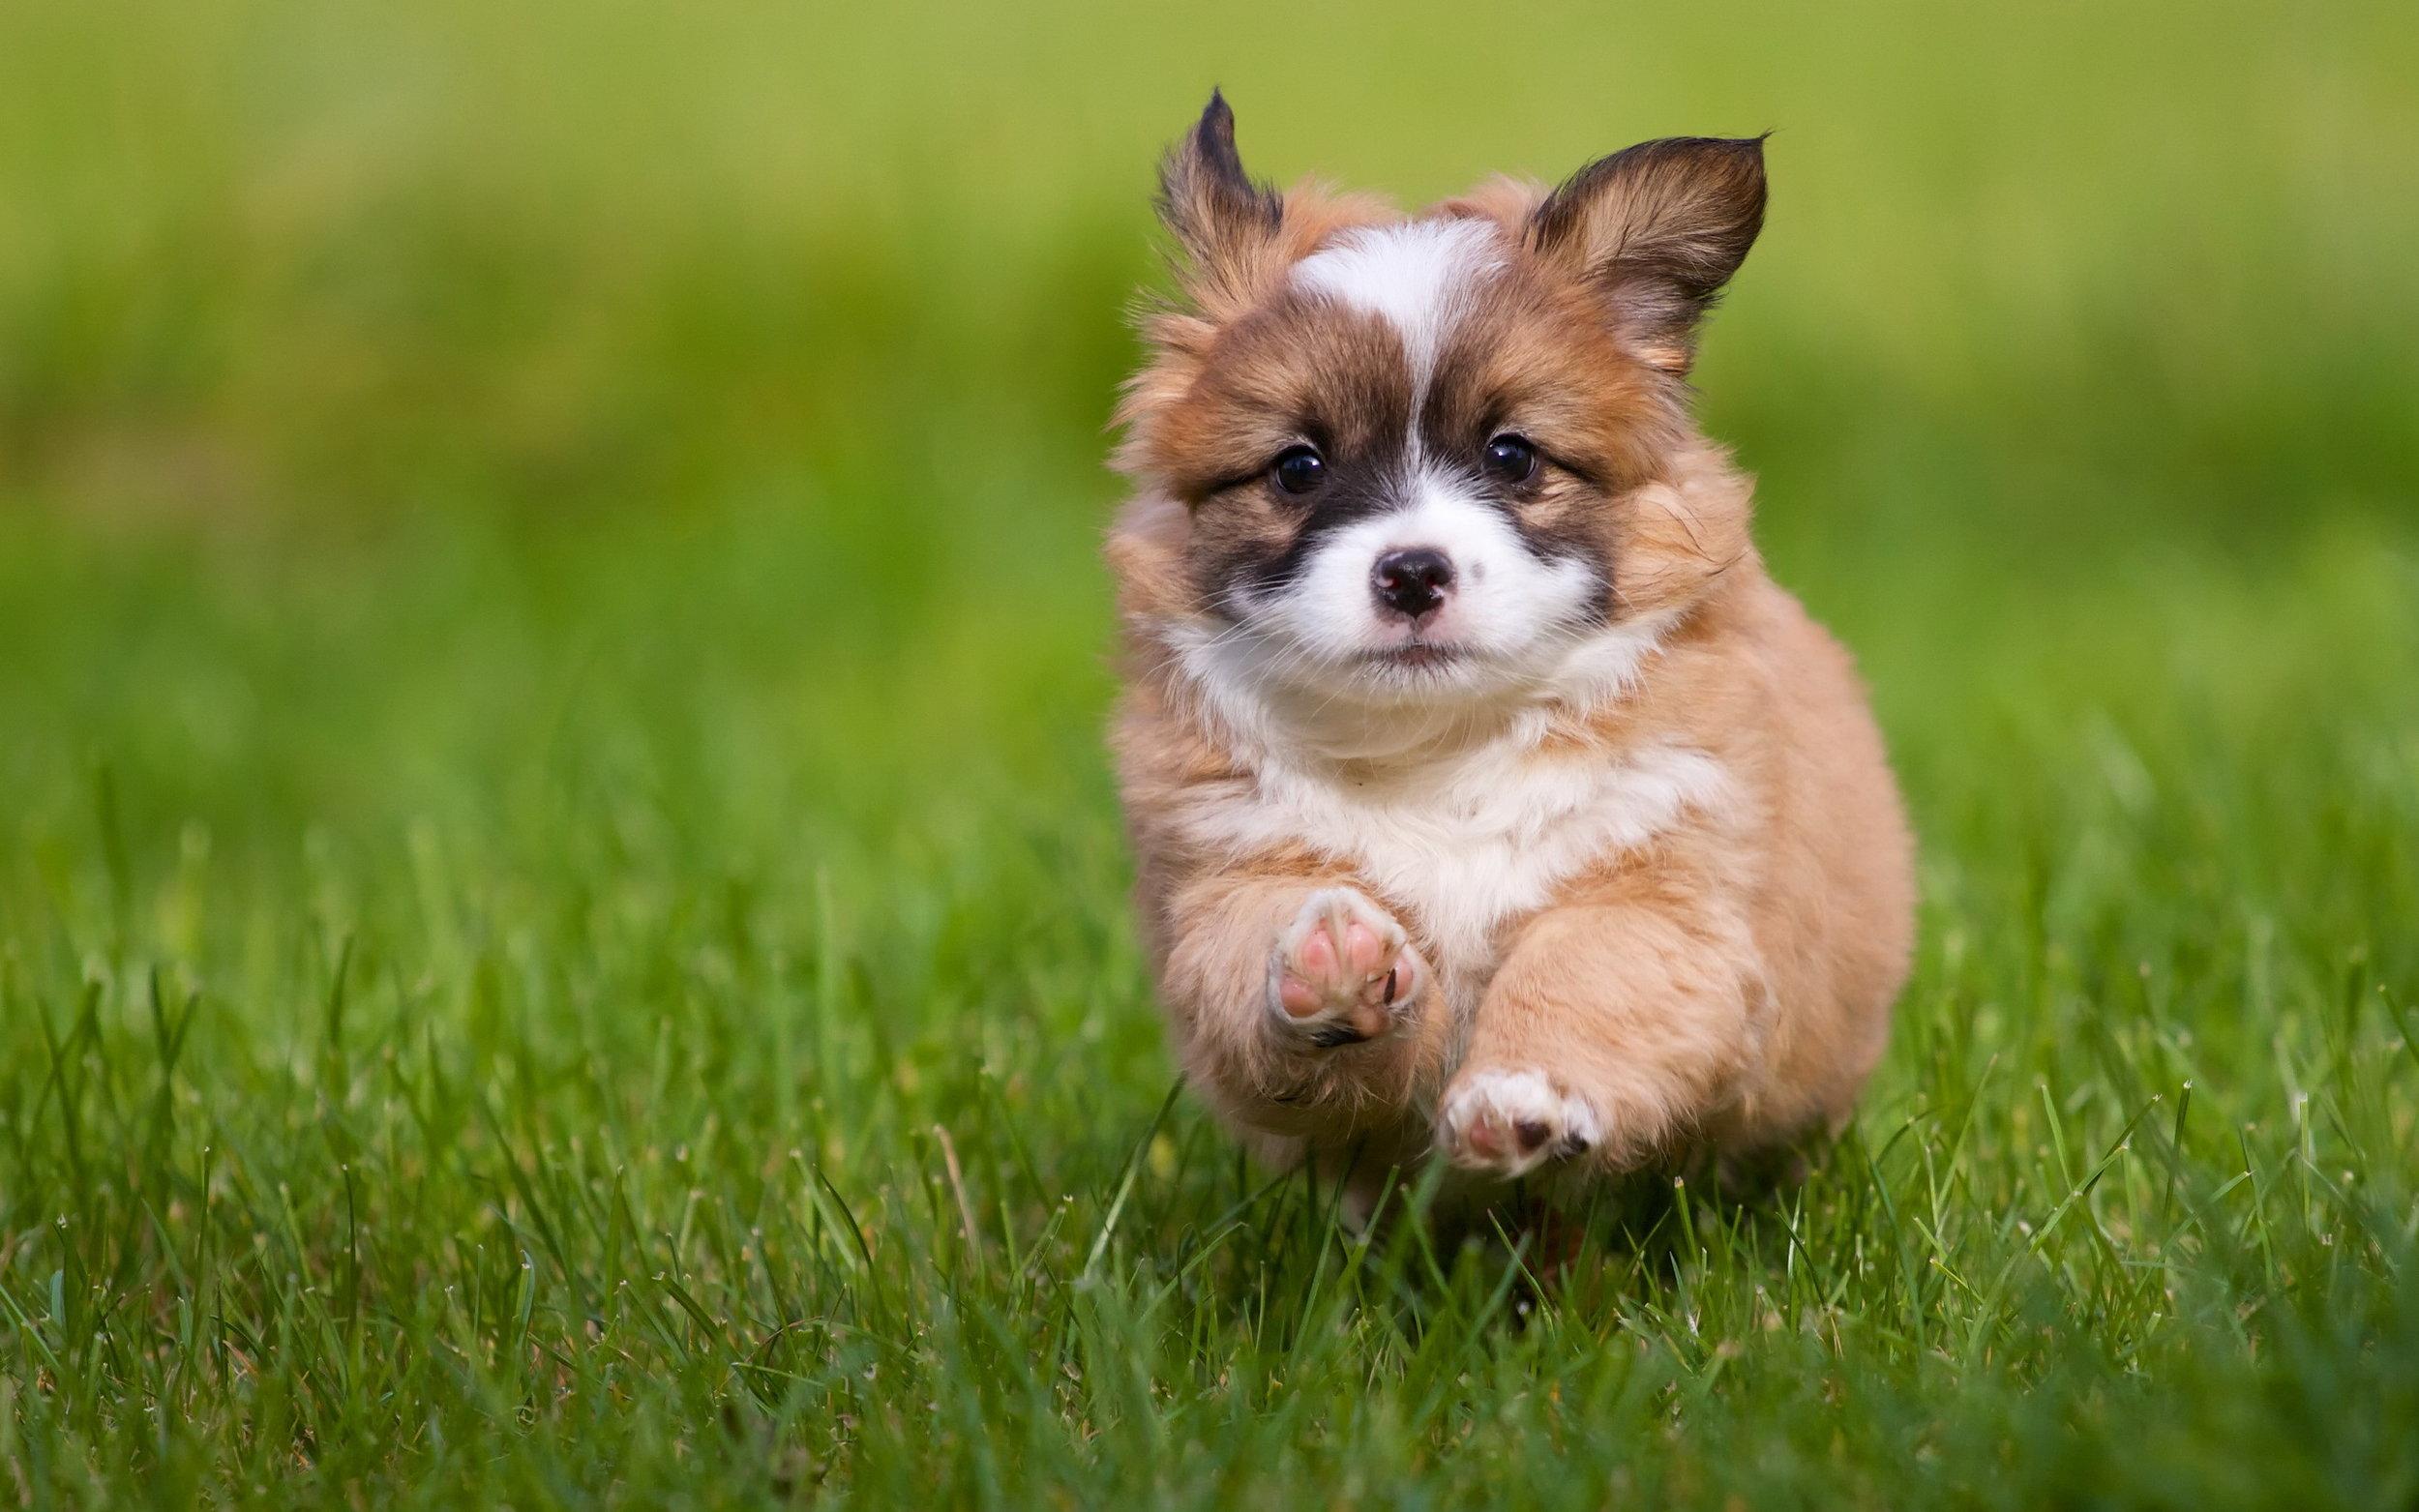 puppy_grass_running_walking_dog_95389_2560x1600